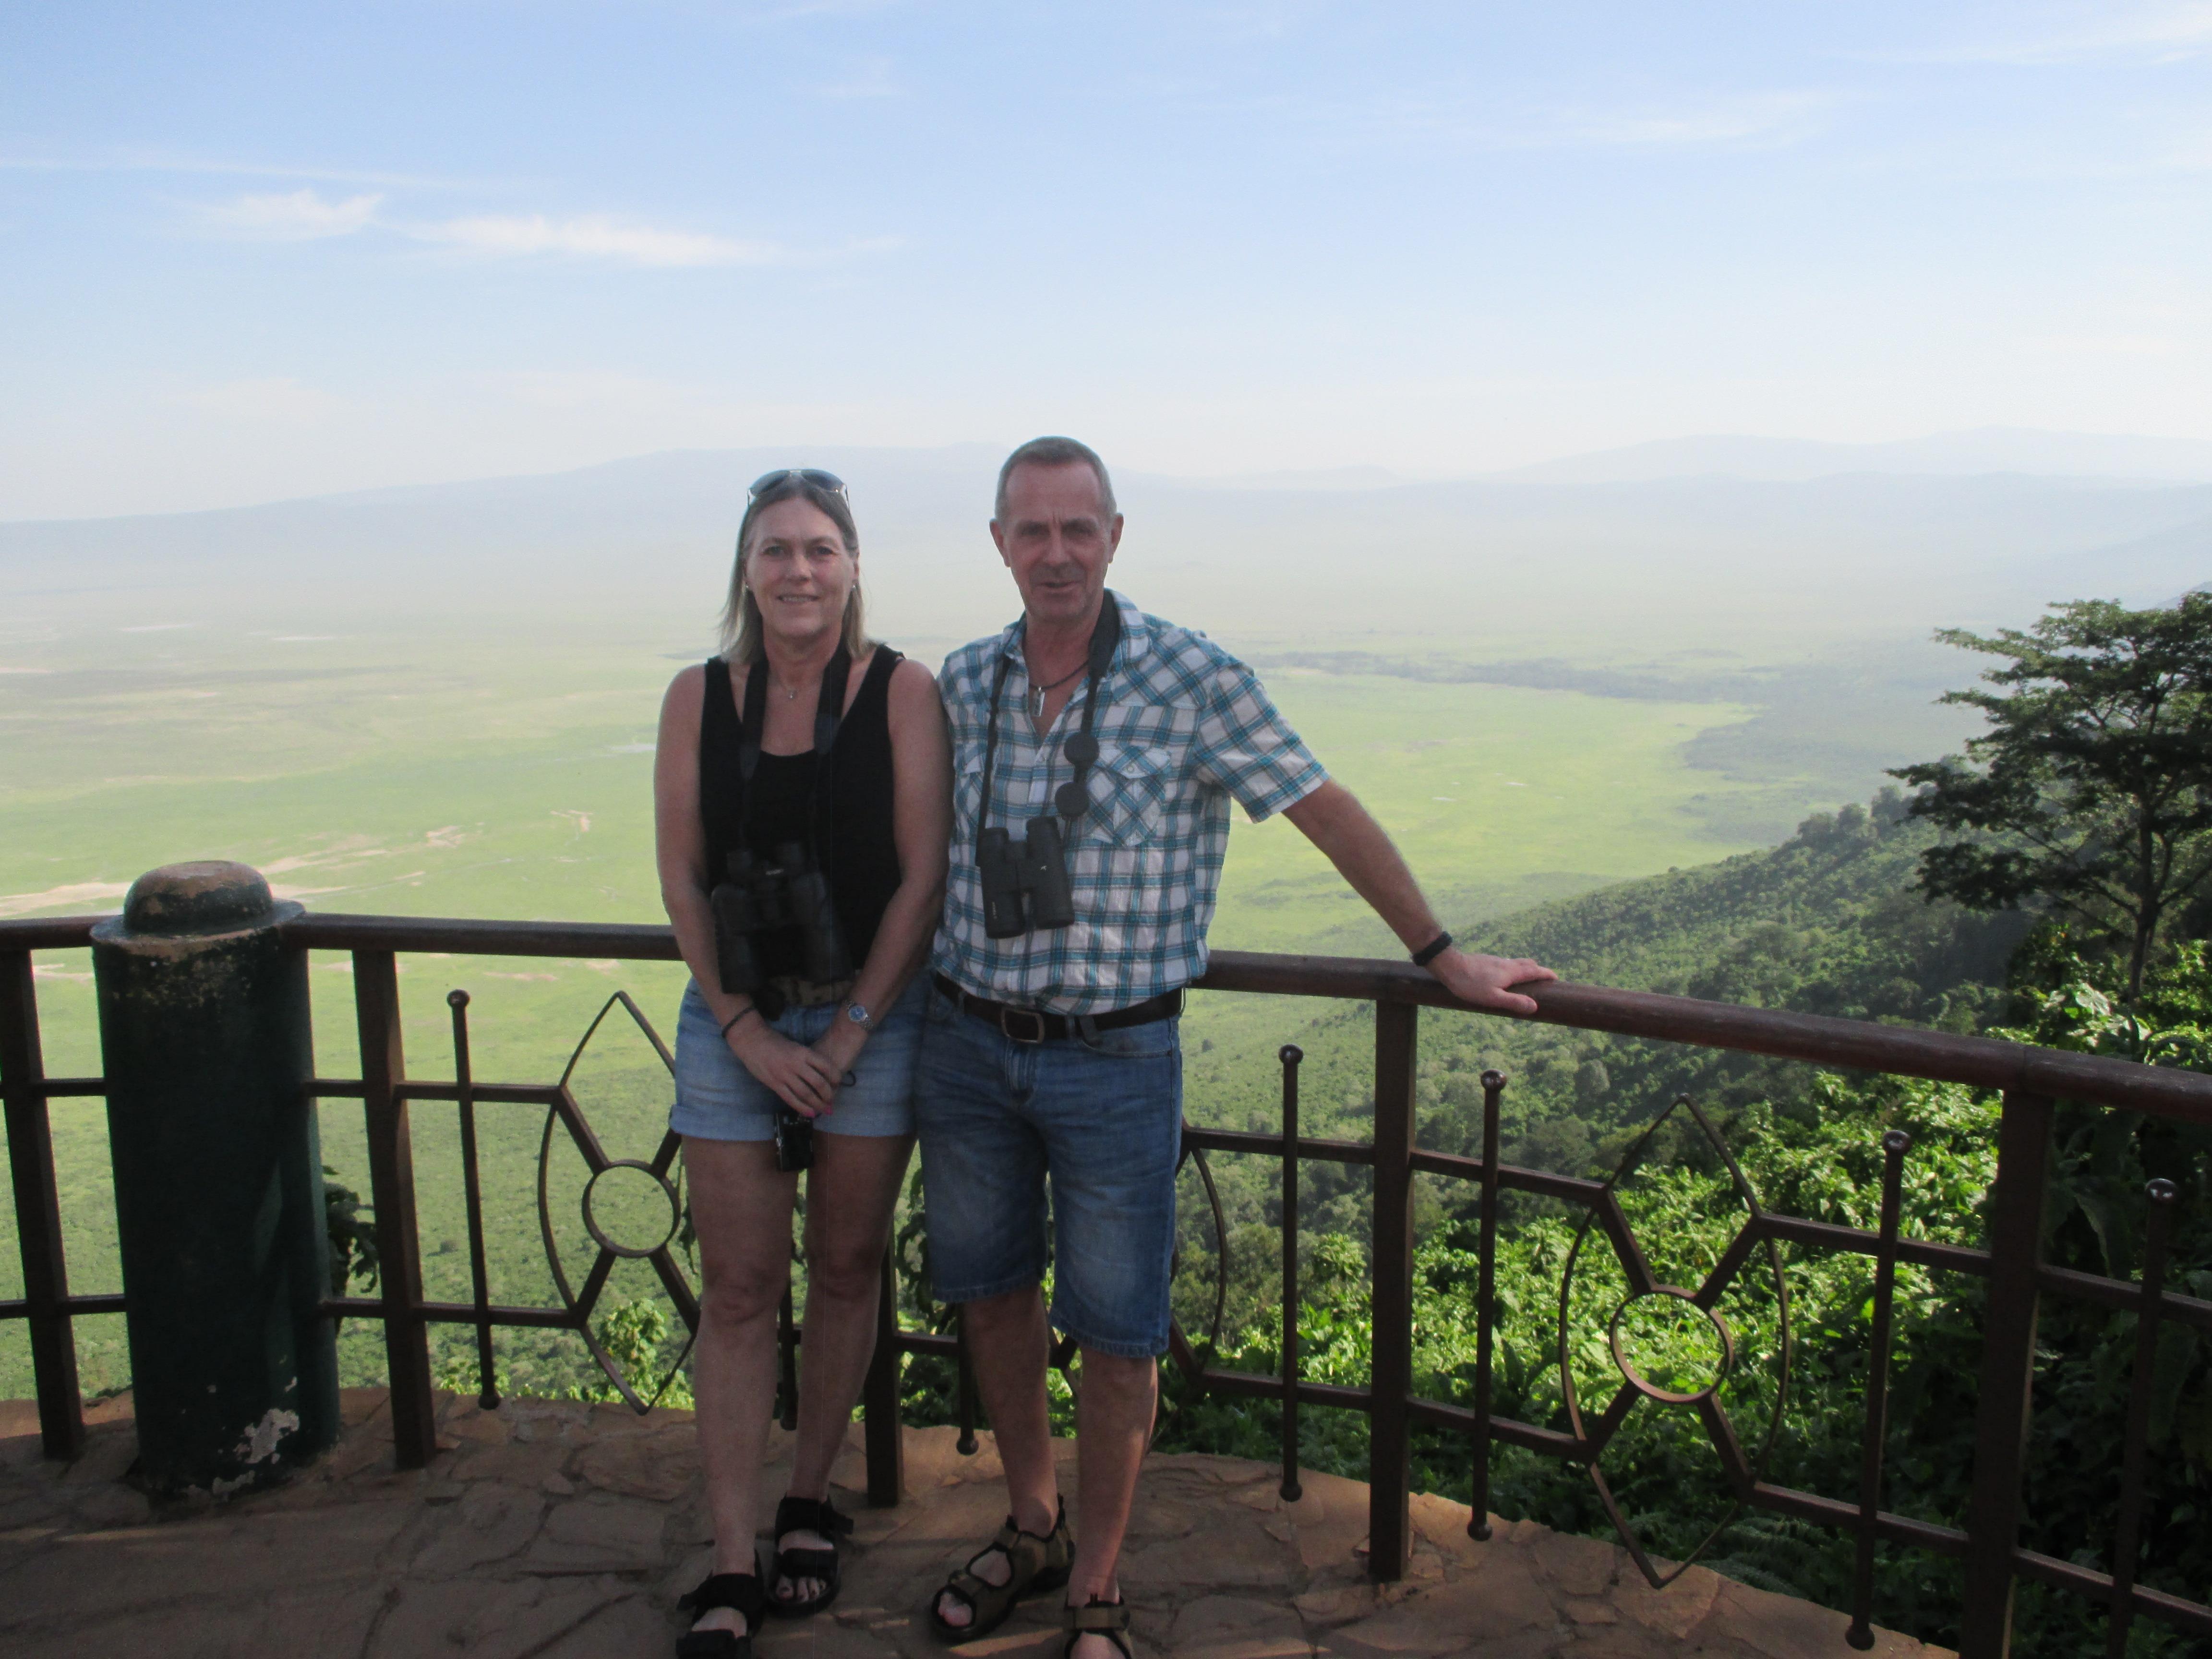 Ancie & Göran on safari 2016